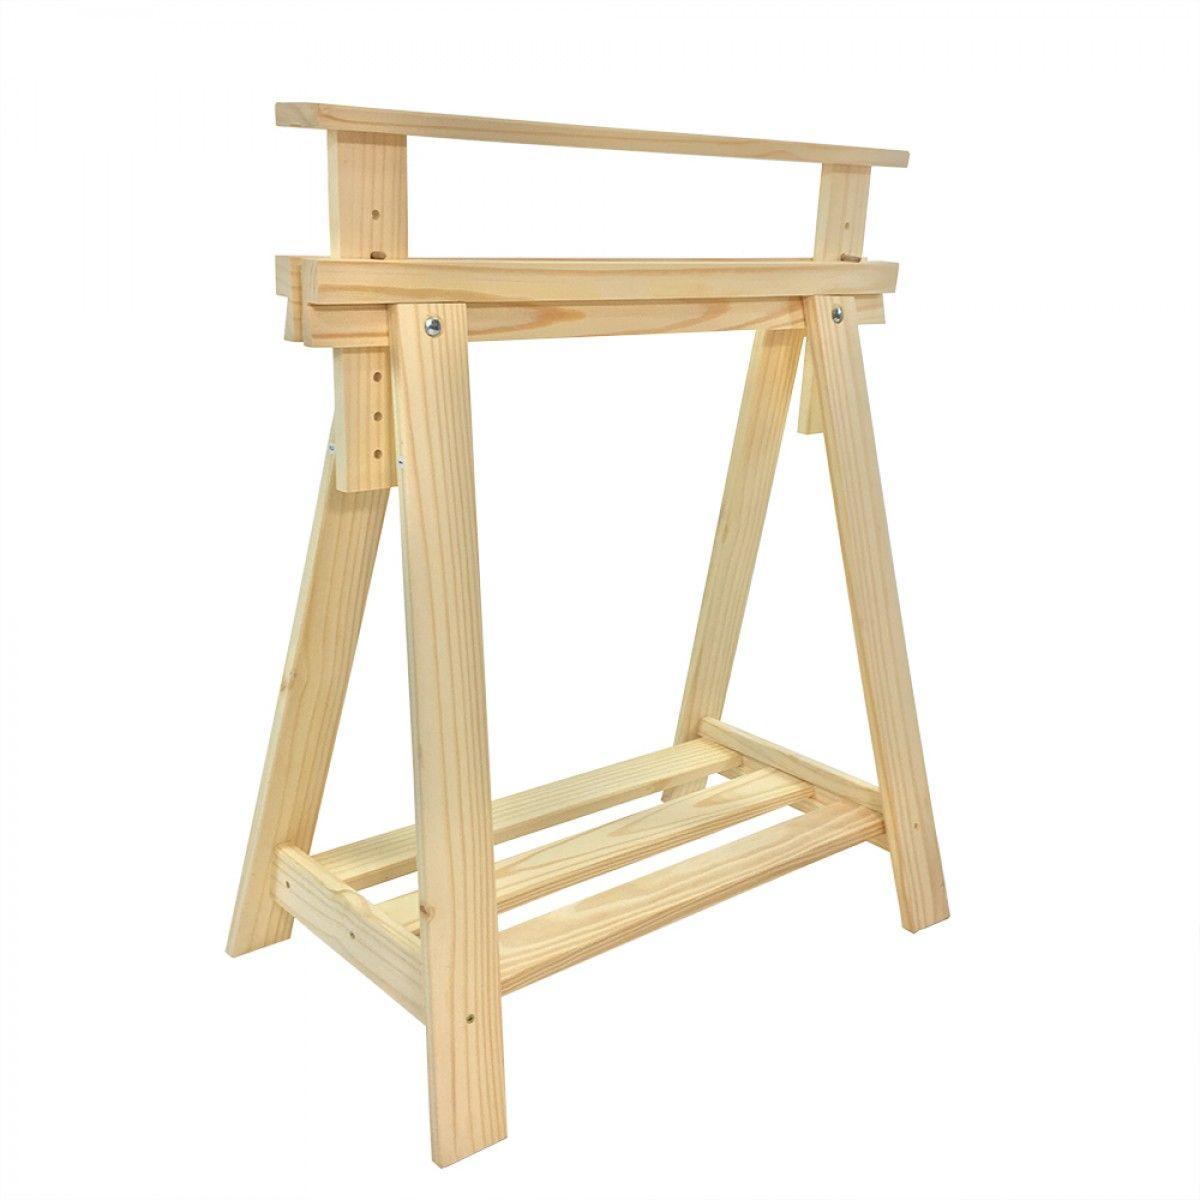 Cavalete Com Regulagem De Altura Uau O Cavalete Studio  # Muebles Cumelen